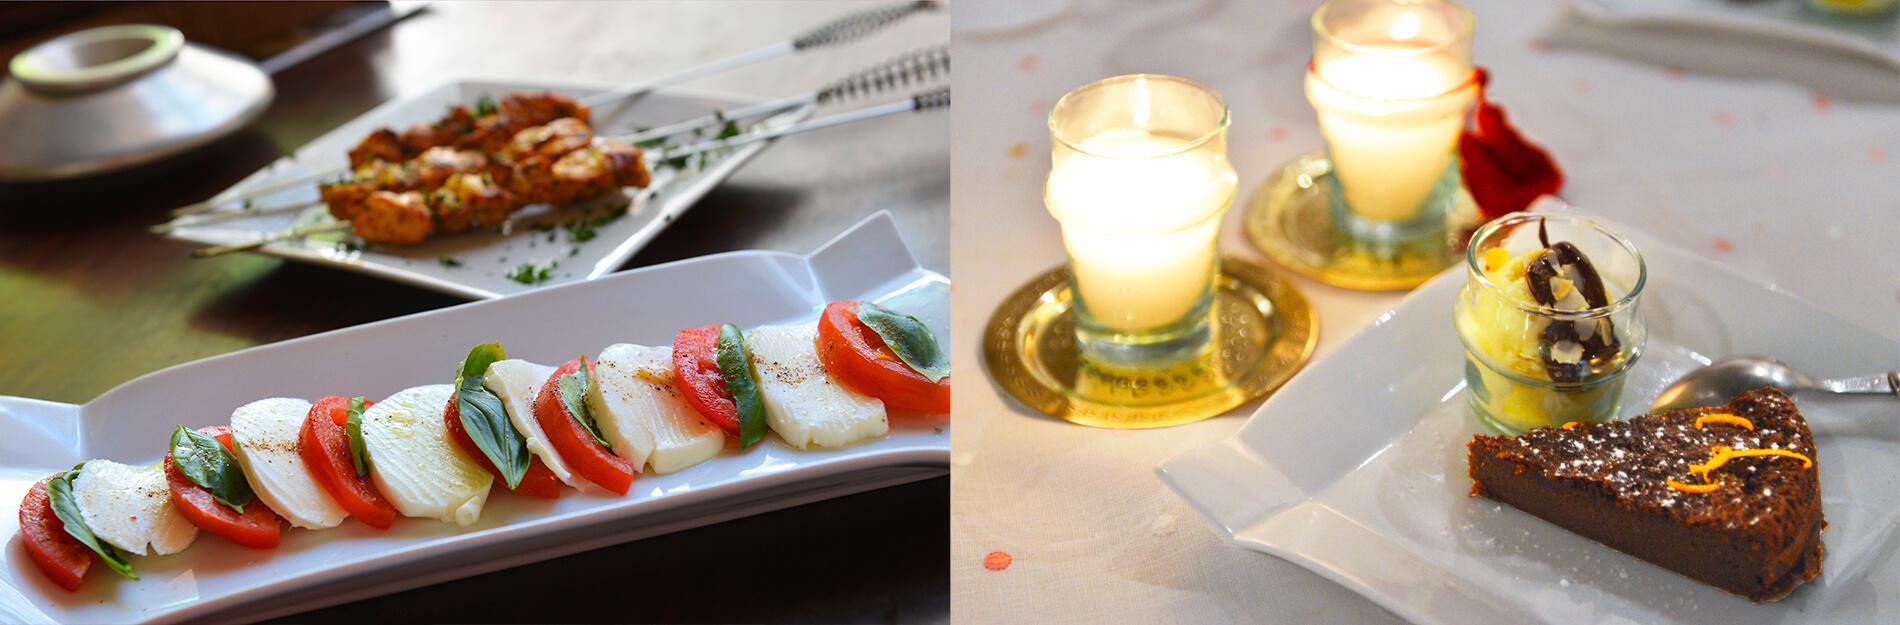 table d'hôtes cuisine riad Dar Housnia à Marrakech